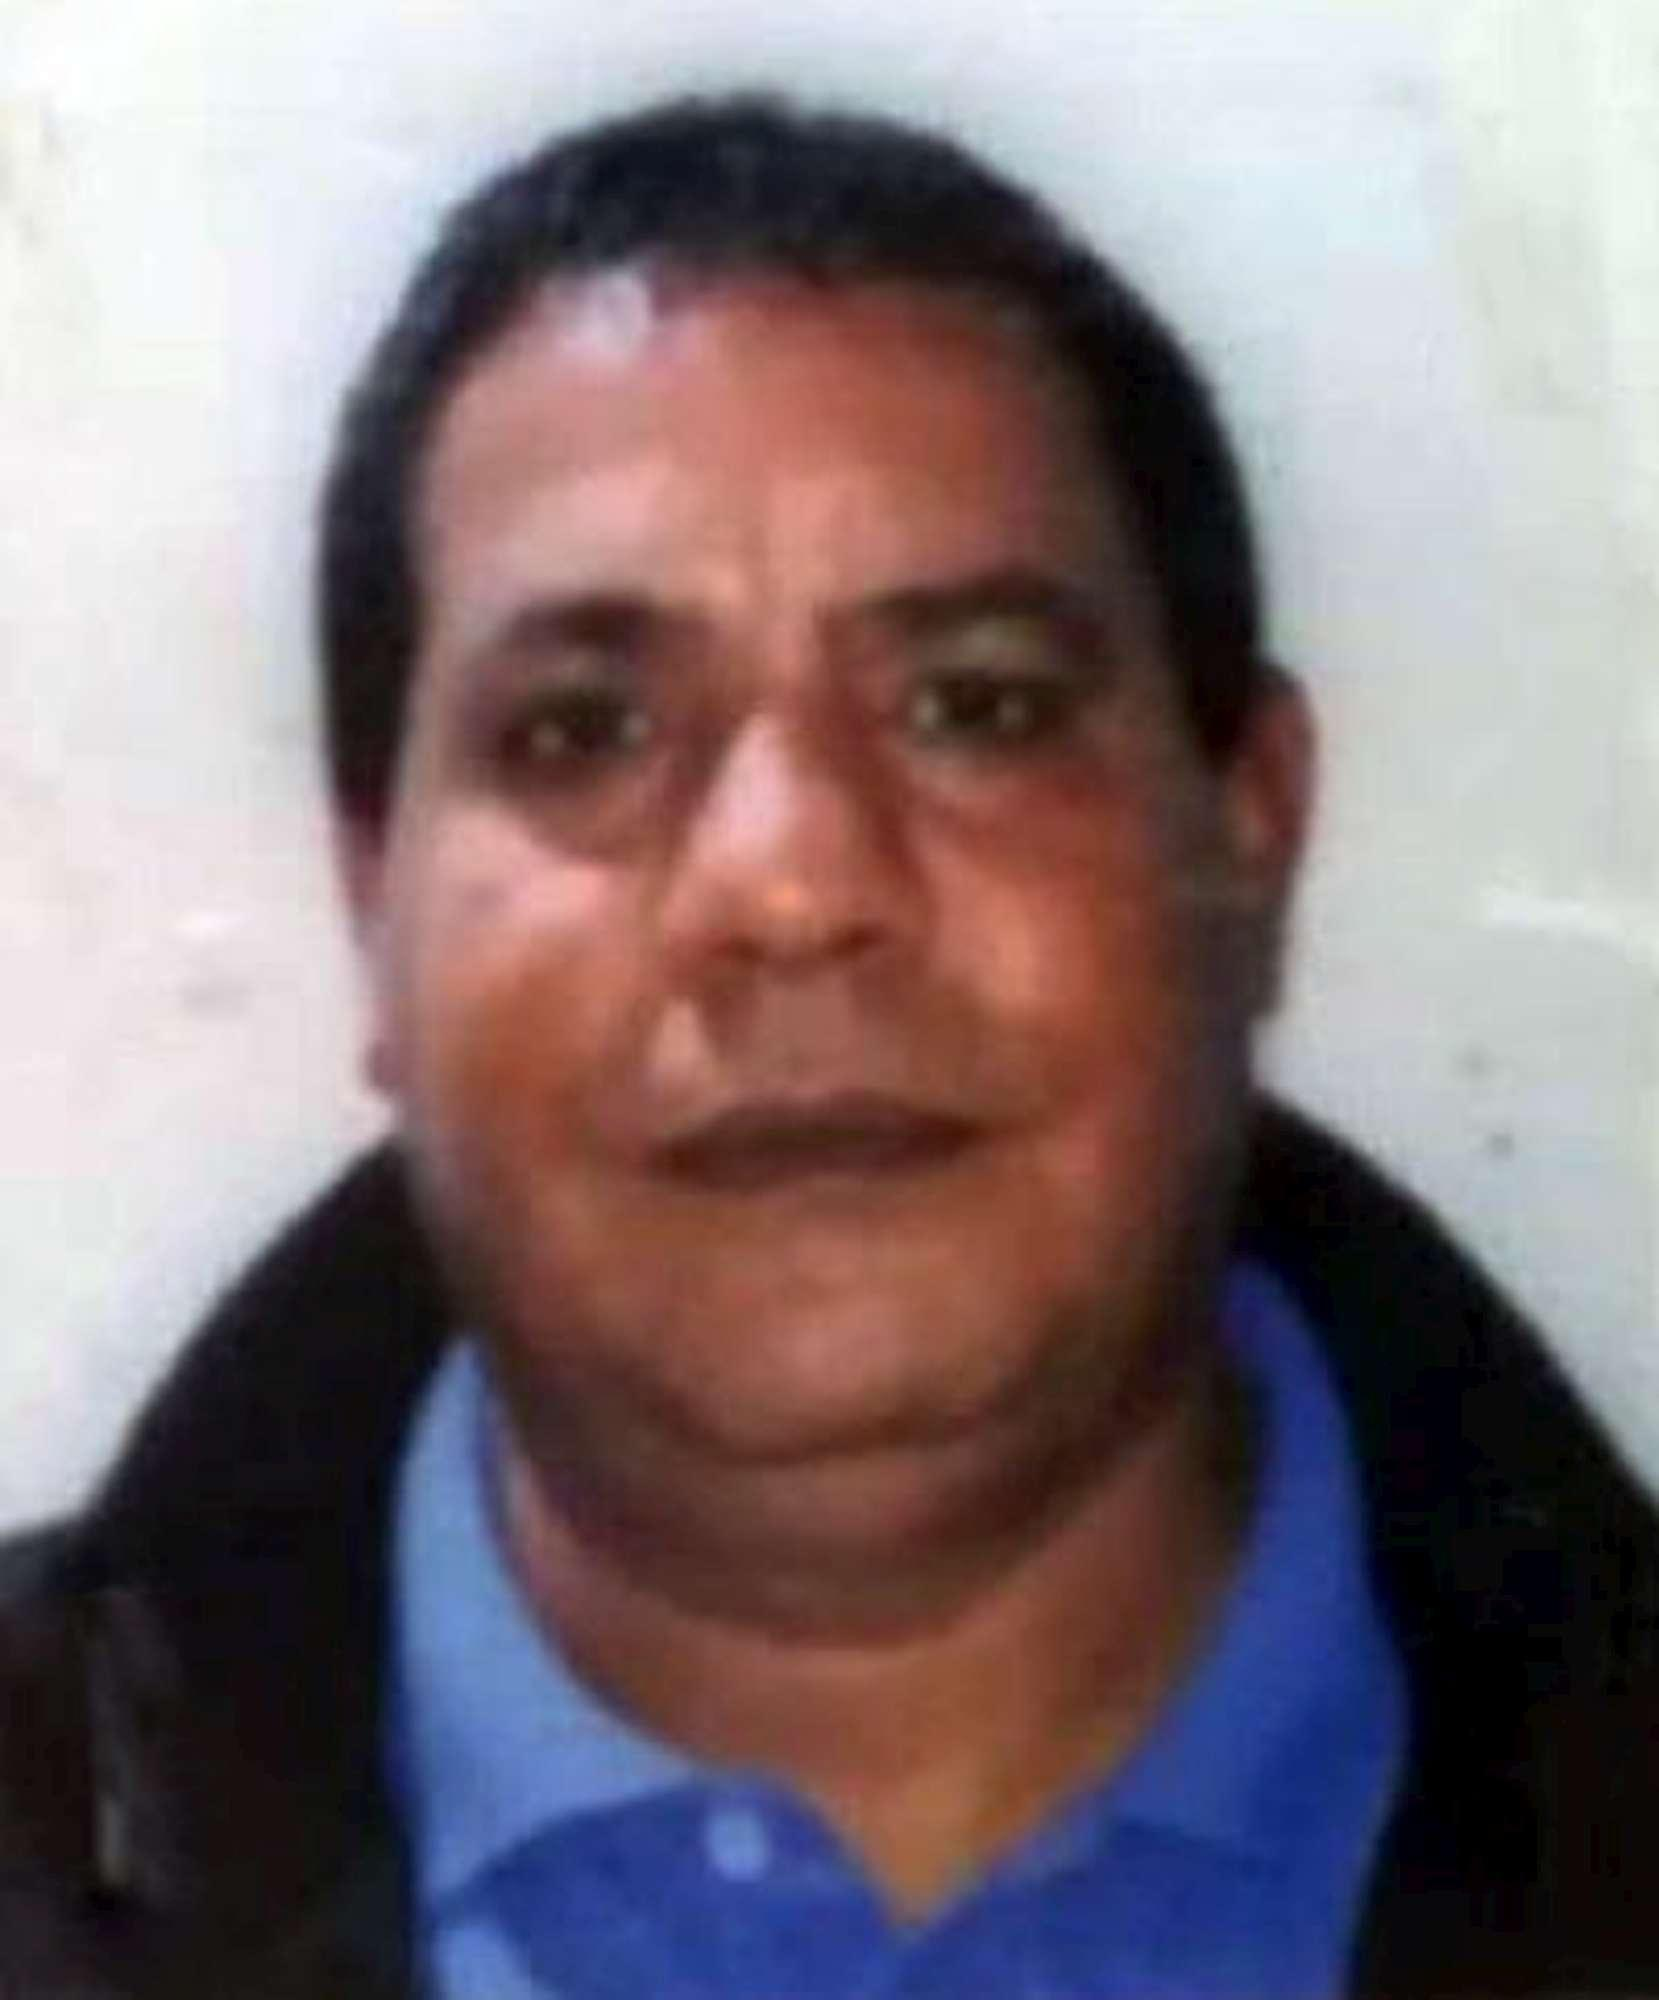 Femminicidio a Palermo: tunisino strangola la compagna italiana